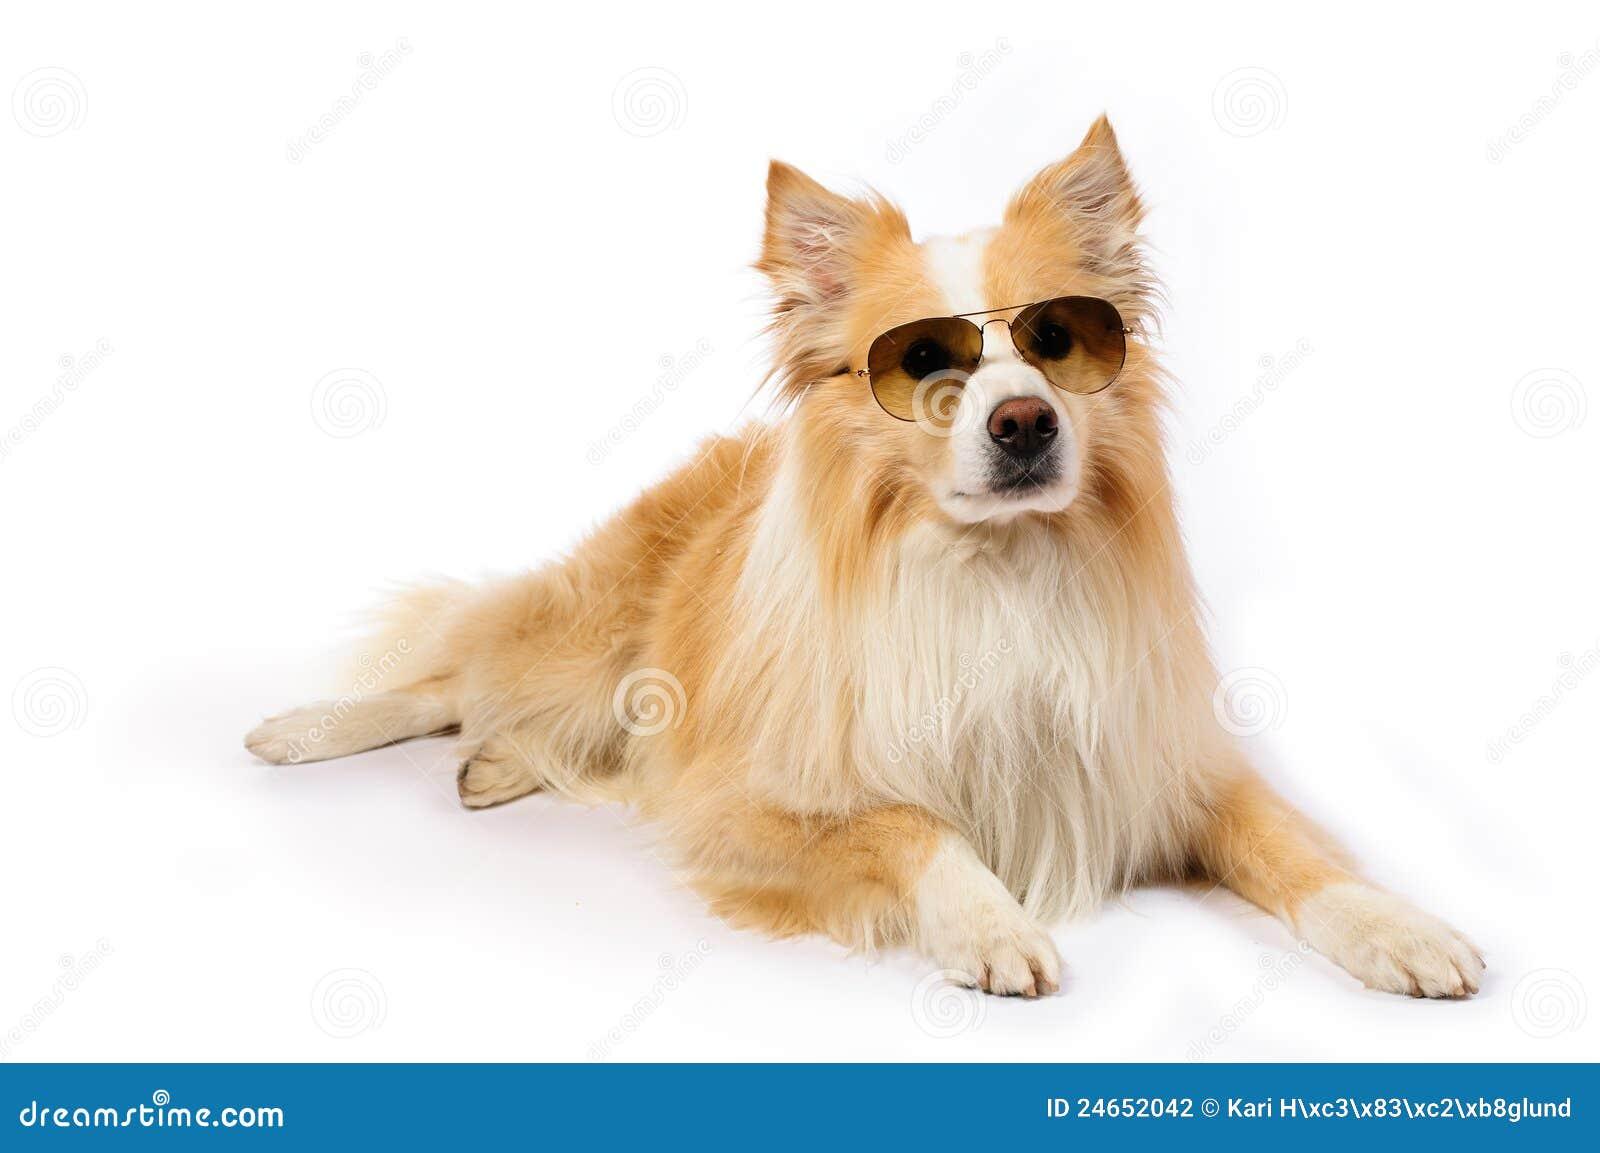 Cartone animato con occhiali da sole e grandi capelli